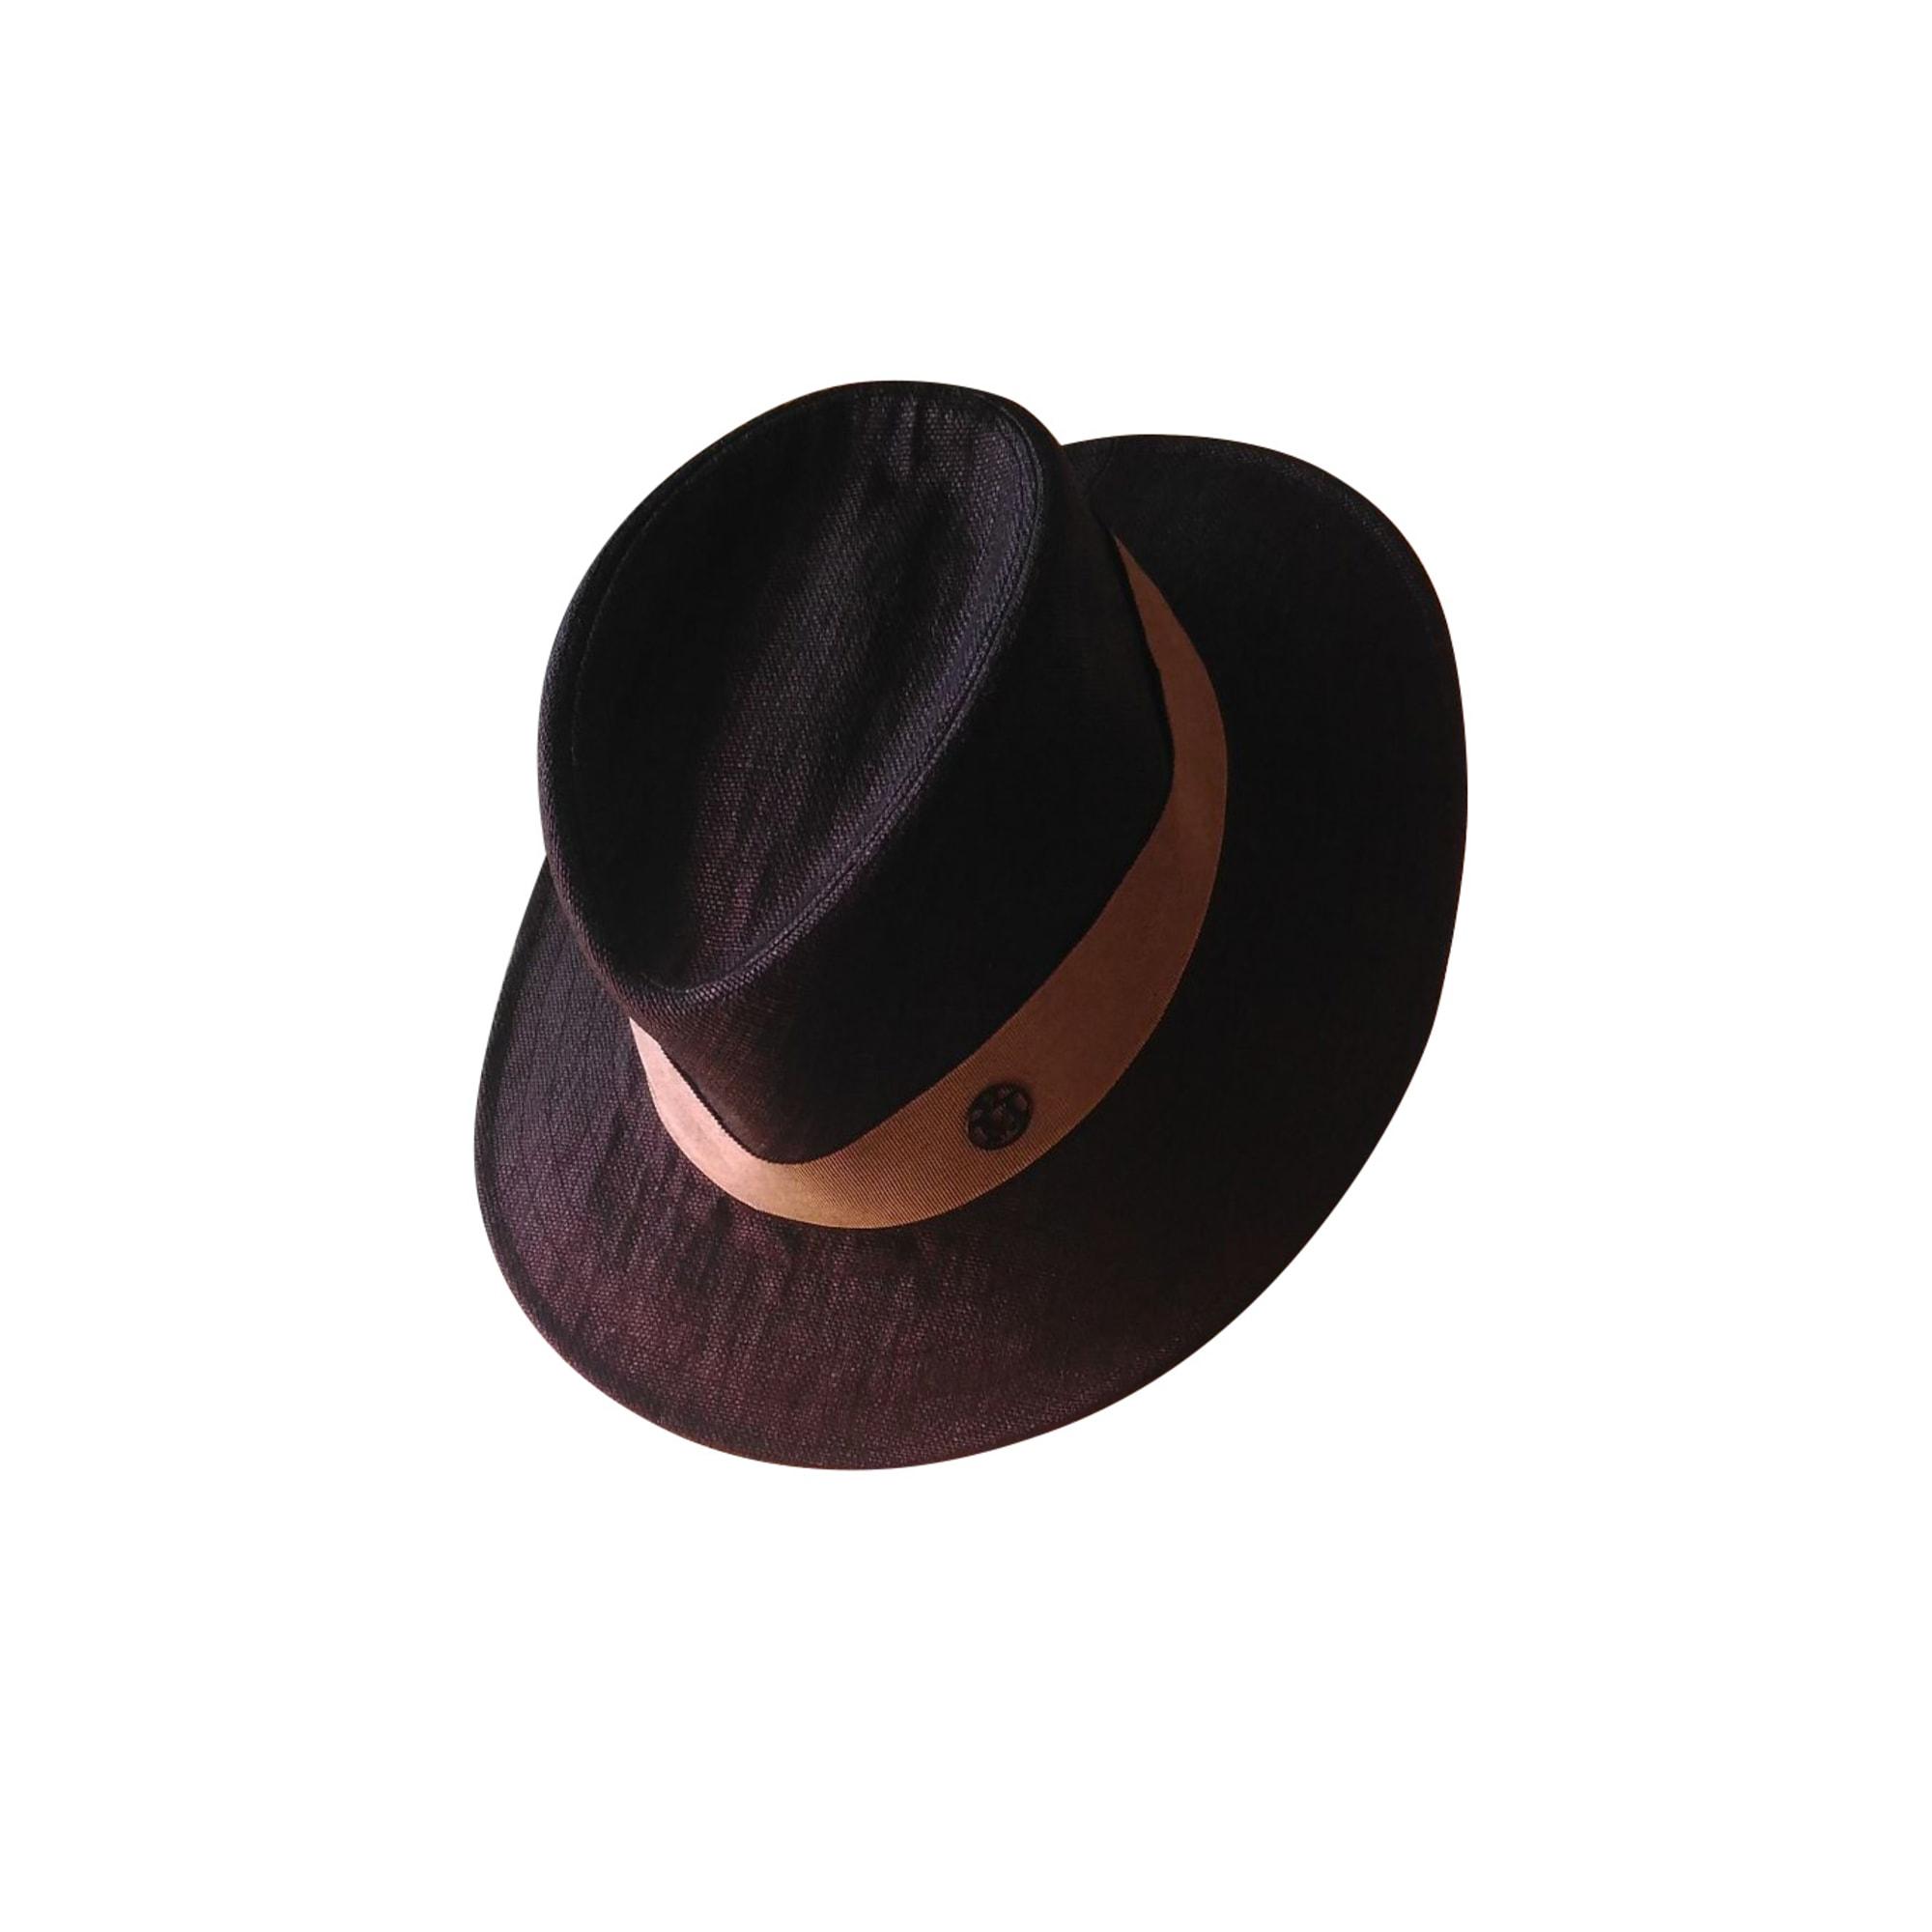 Chapeau MAISON MICHEL Gris, anthracite